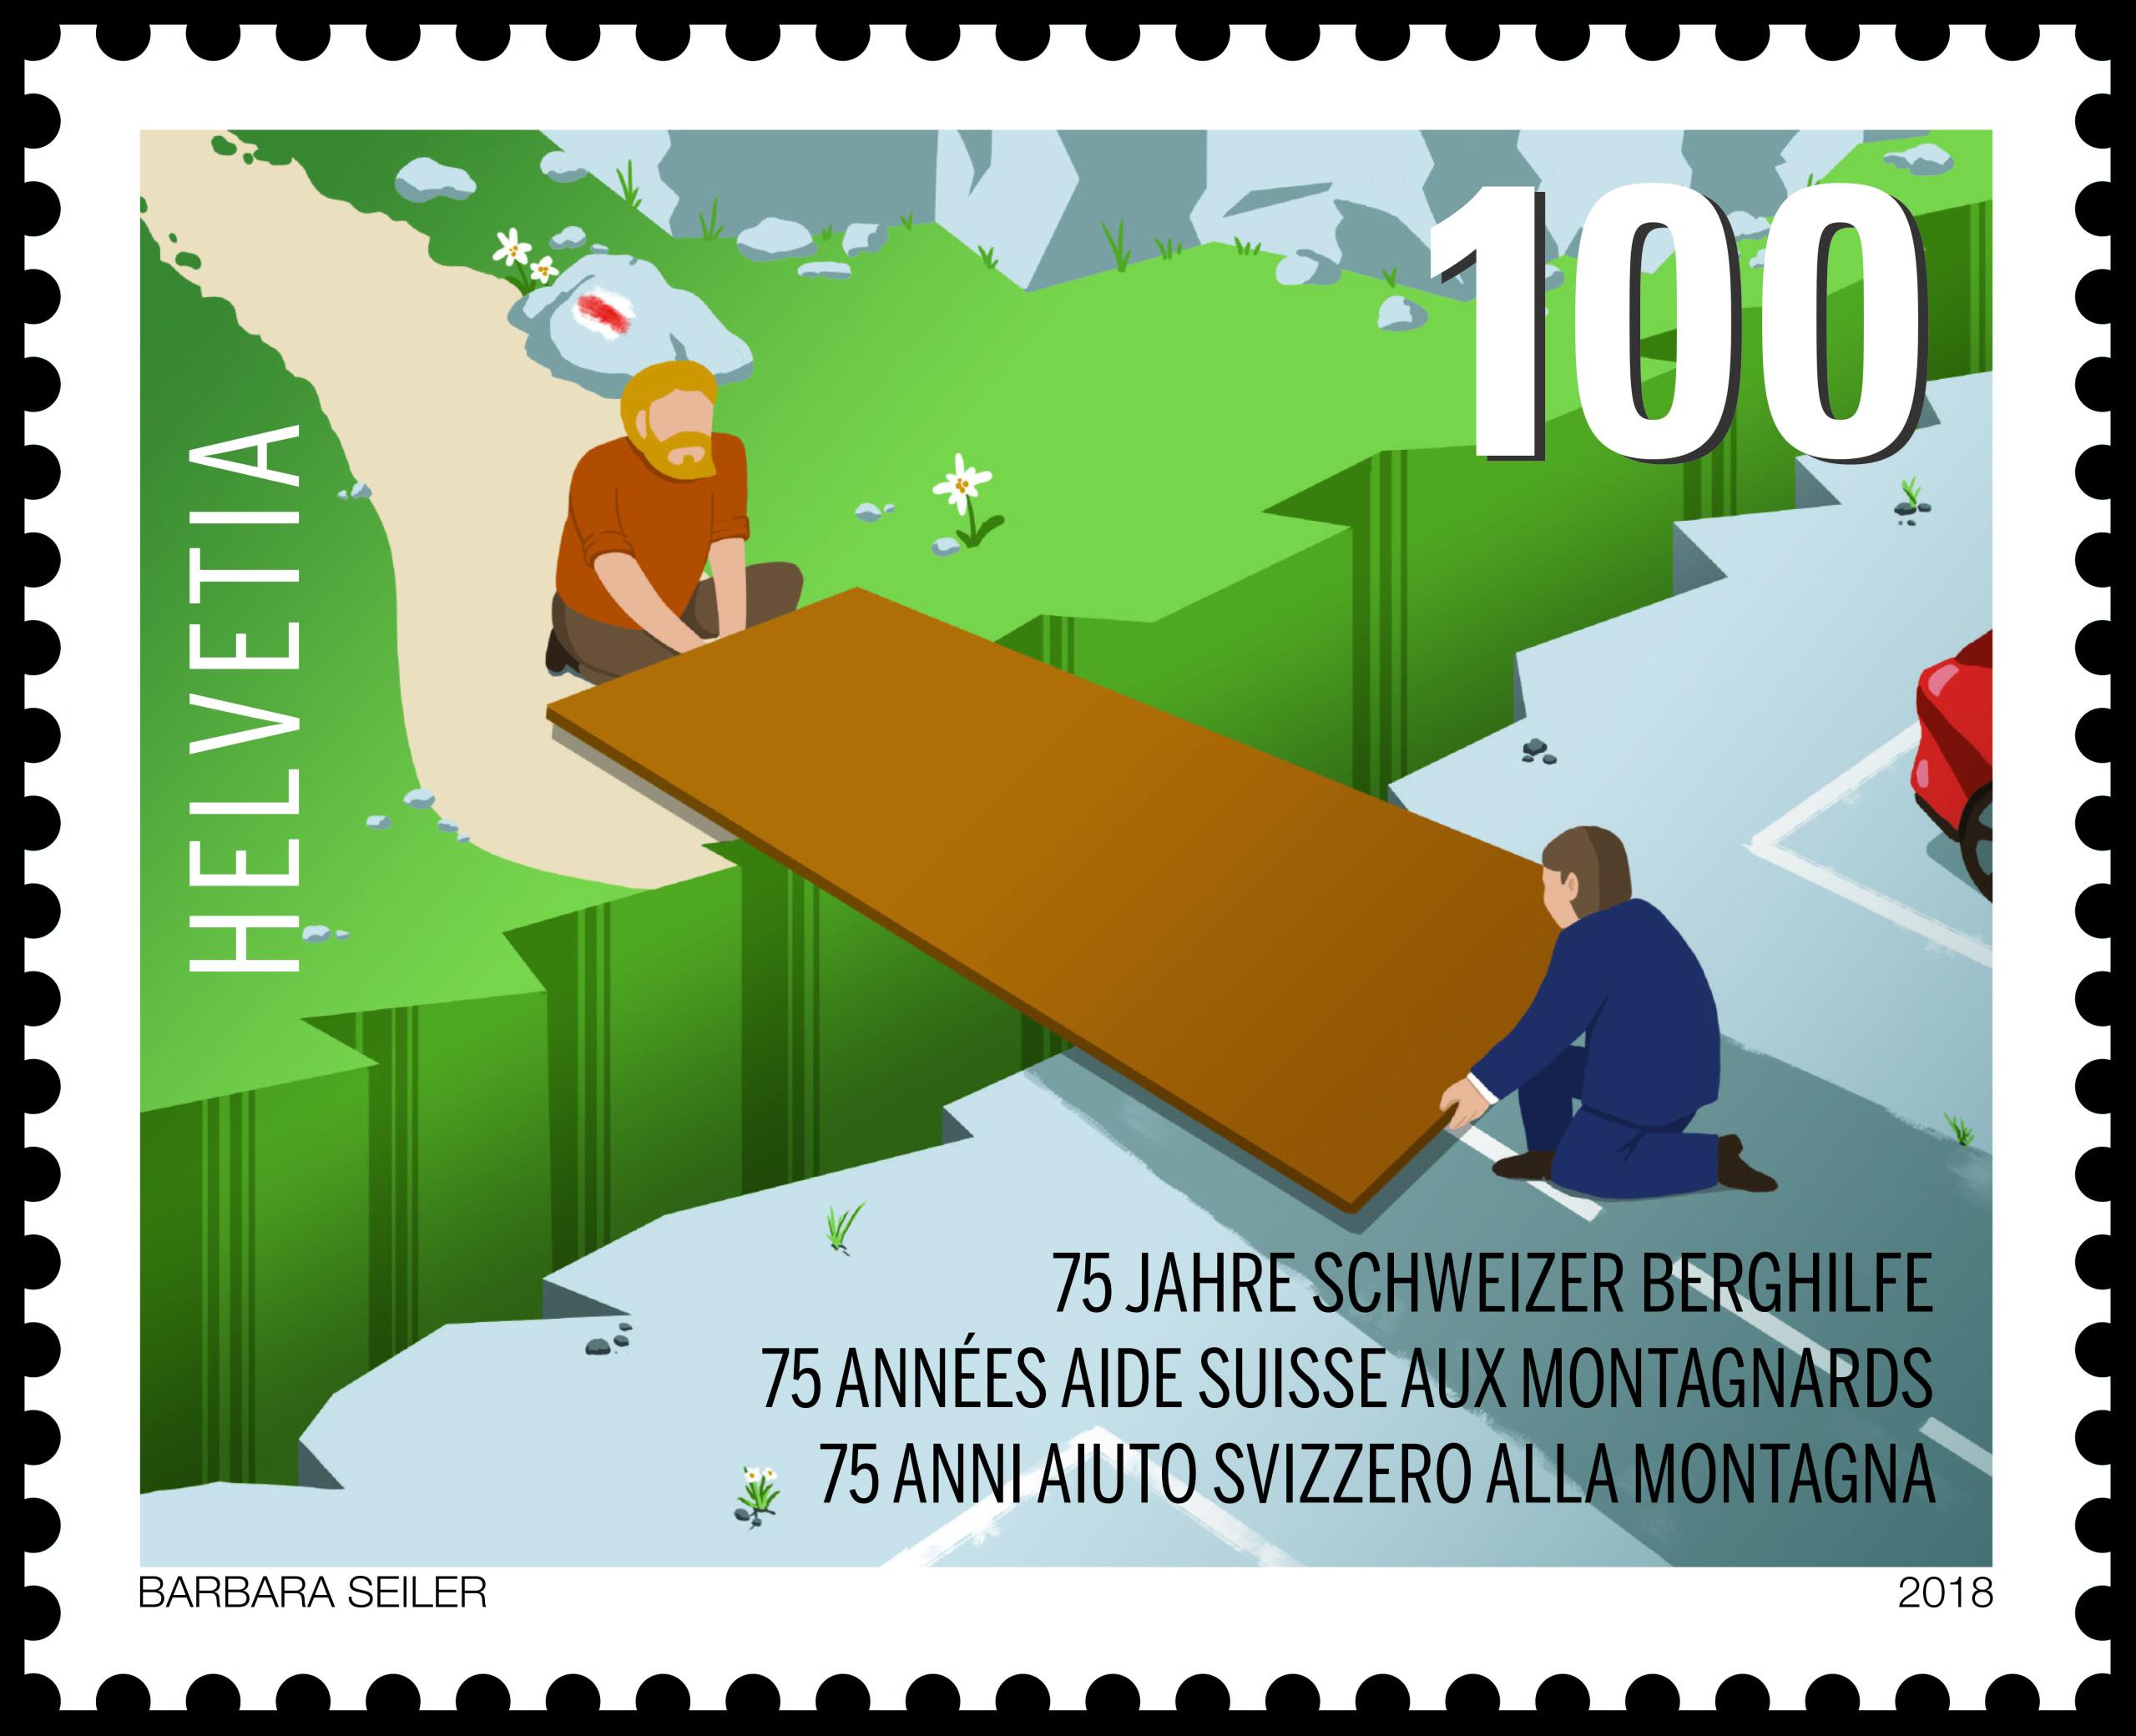 L'Aide Suisse aux Montagnards lance une campagne de collecte nationale